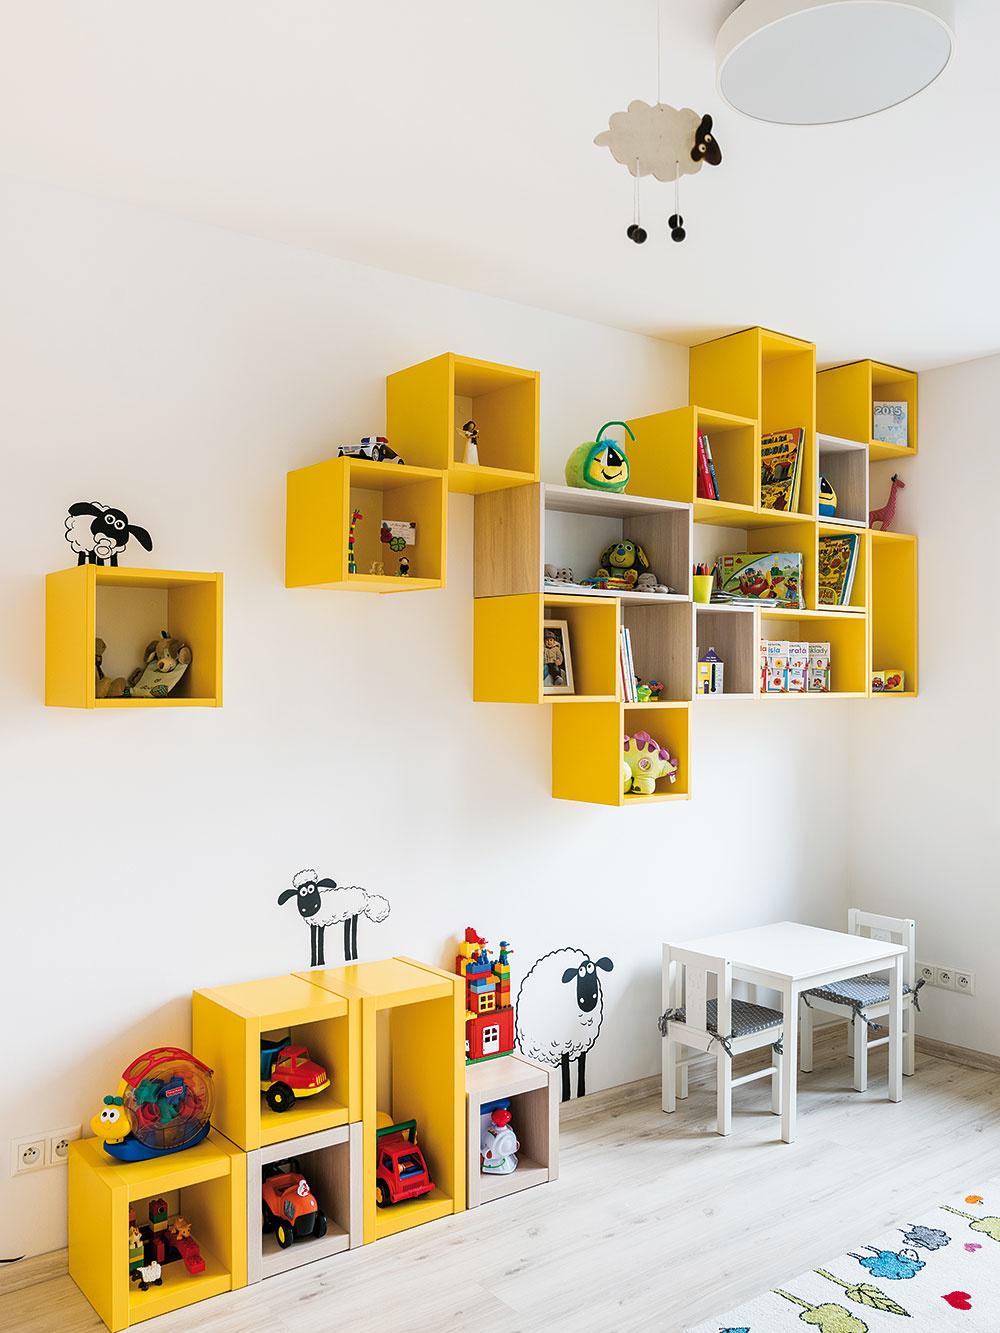 Správna miera. Aký je ideálny nábytok do detskej izby? Funkčný azároveň estetický, so správnou mierou hravosti, ktorá podnecuje fantáziu, ale zbytočne nezahlcuje podnetmi.